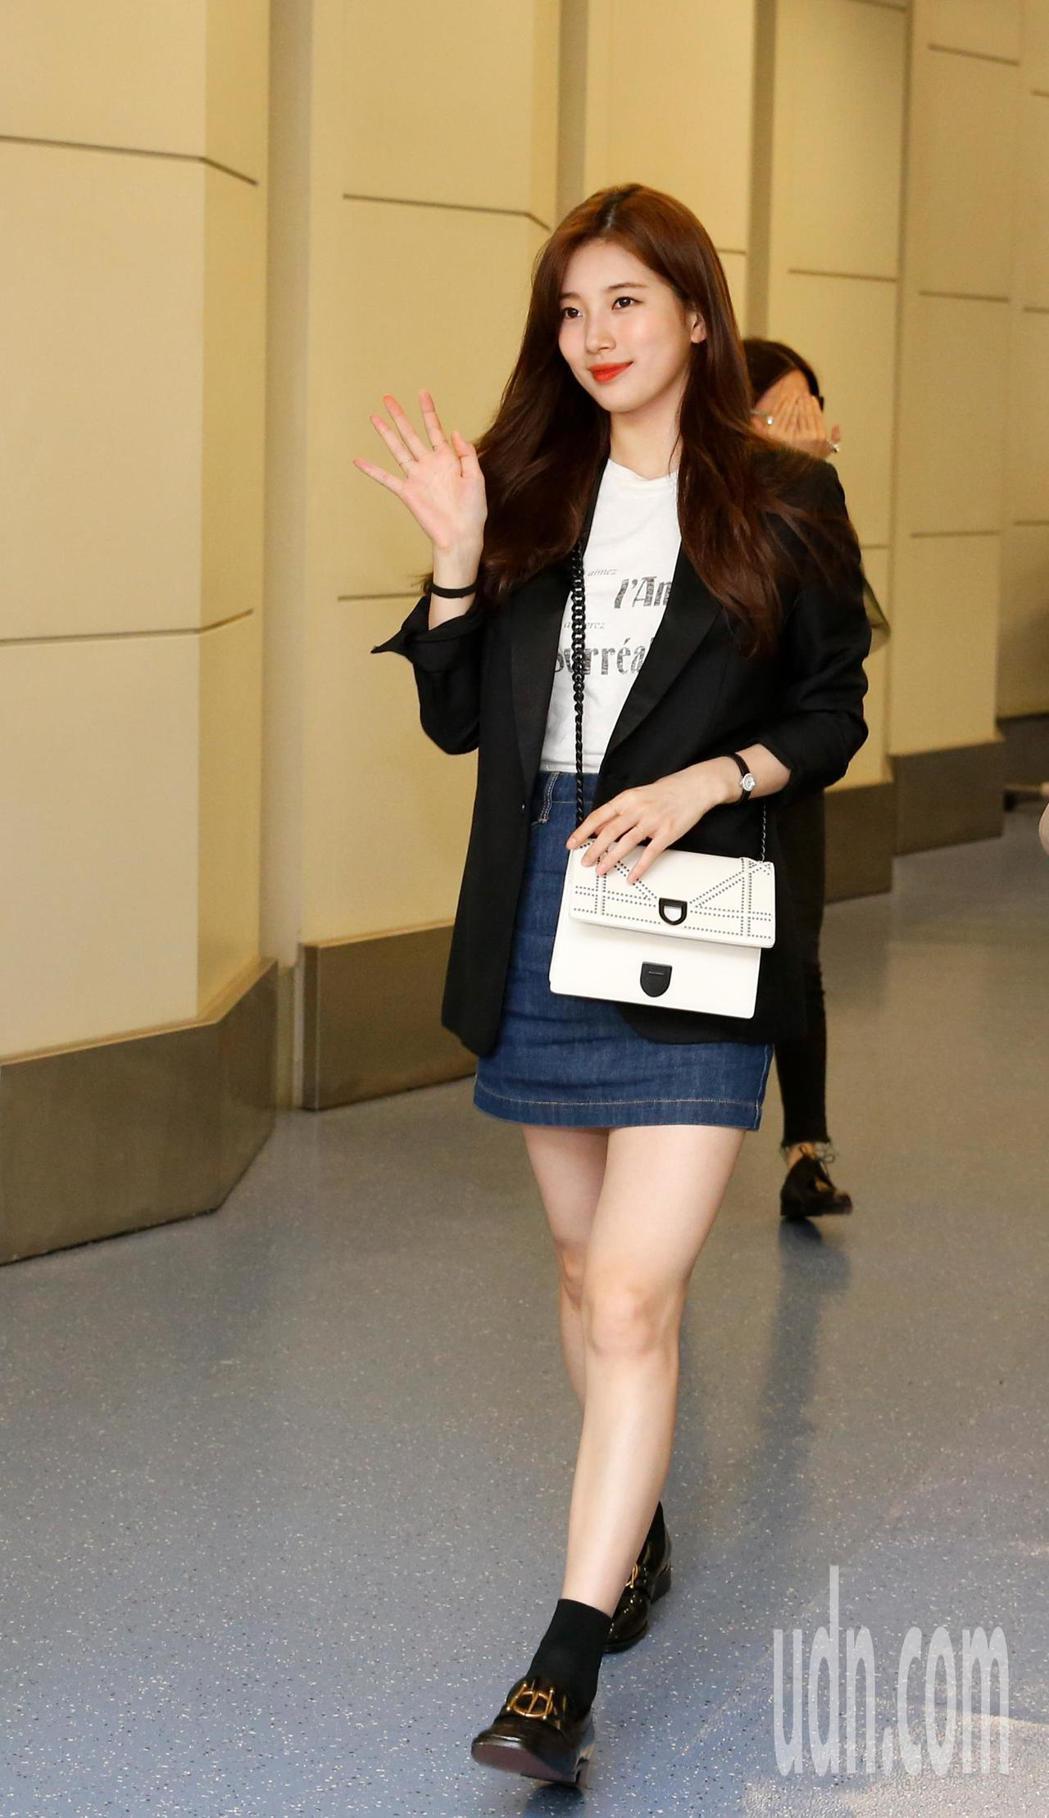 南韓女星秀智晚上搭機抵台,雖然才結束戀情,但秀智還是展露親切笑容並揮手致意。記者...